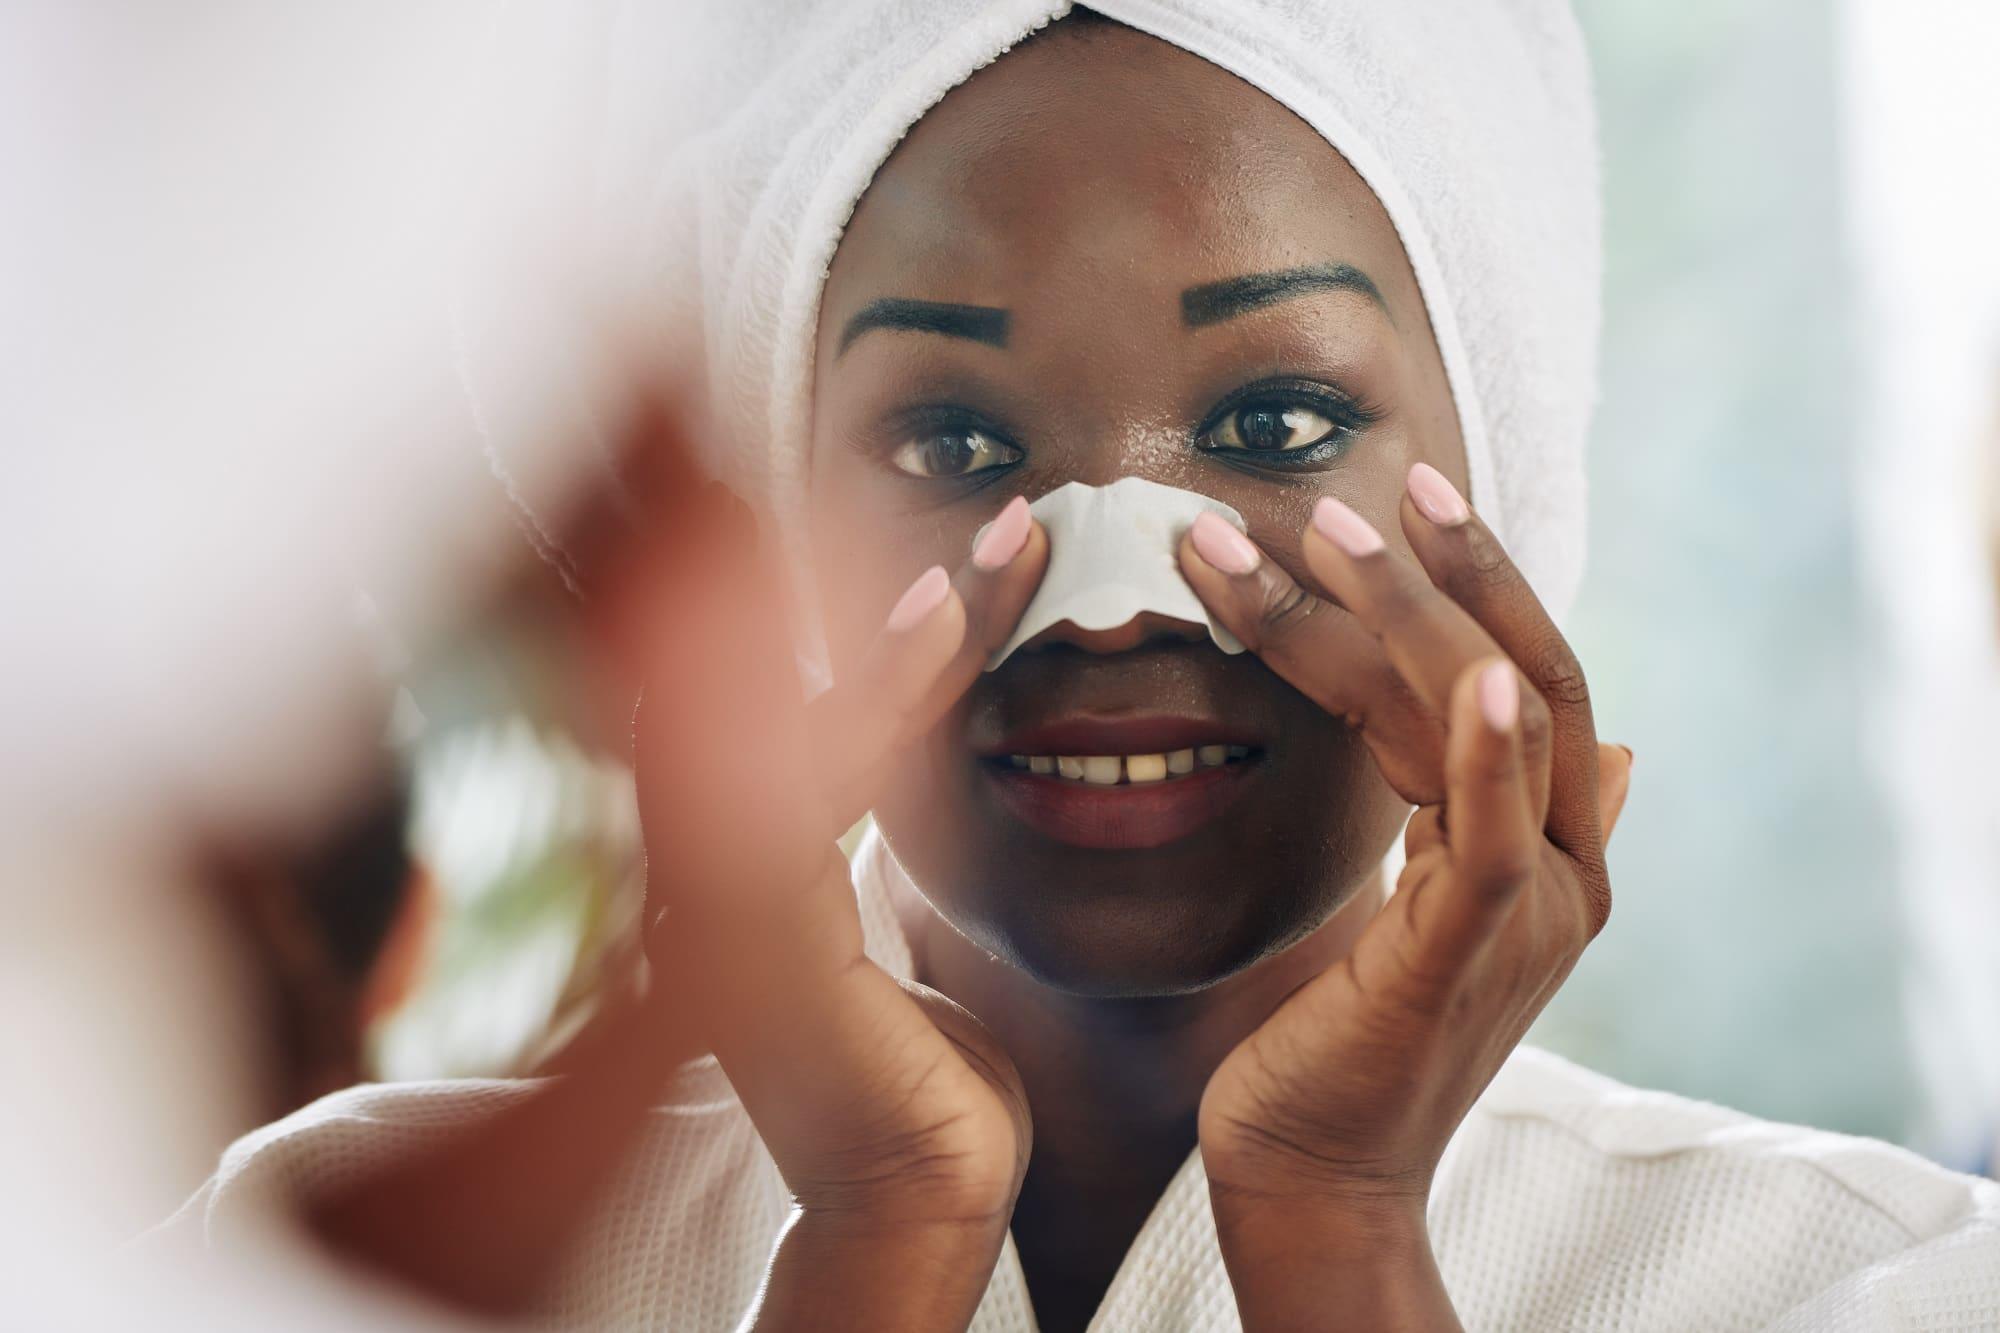 Nasenchirurgie - Nasennebenhöhlenchirurgie